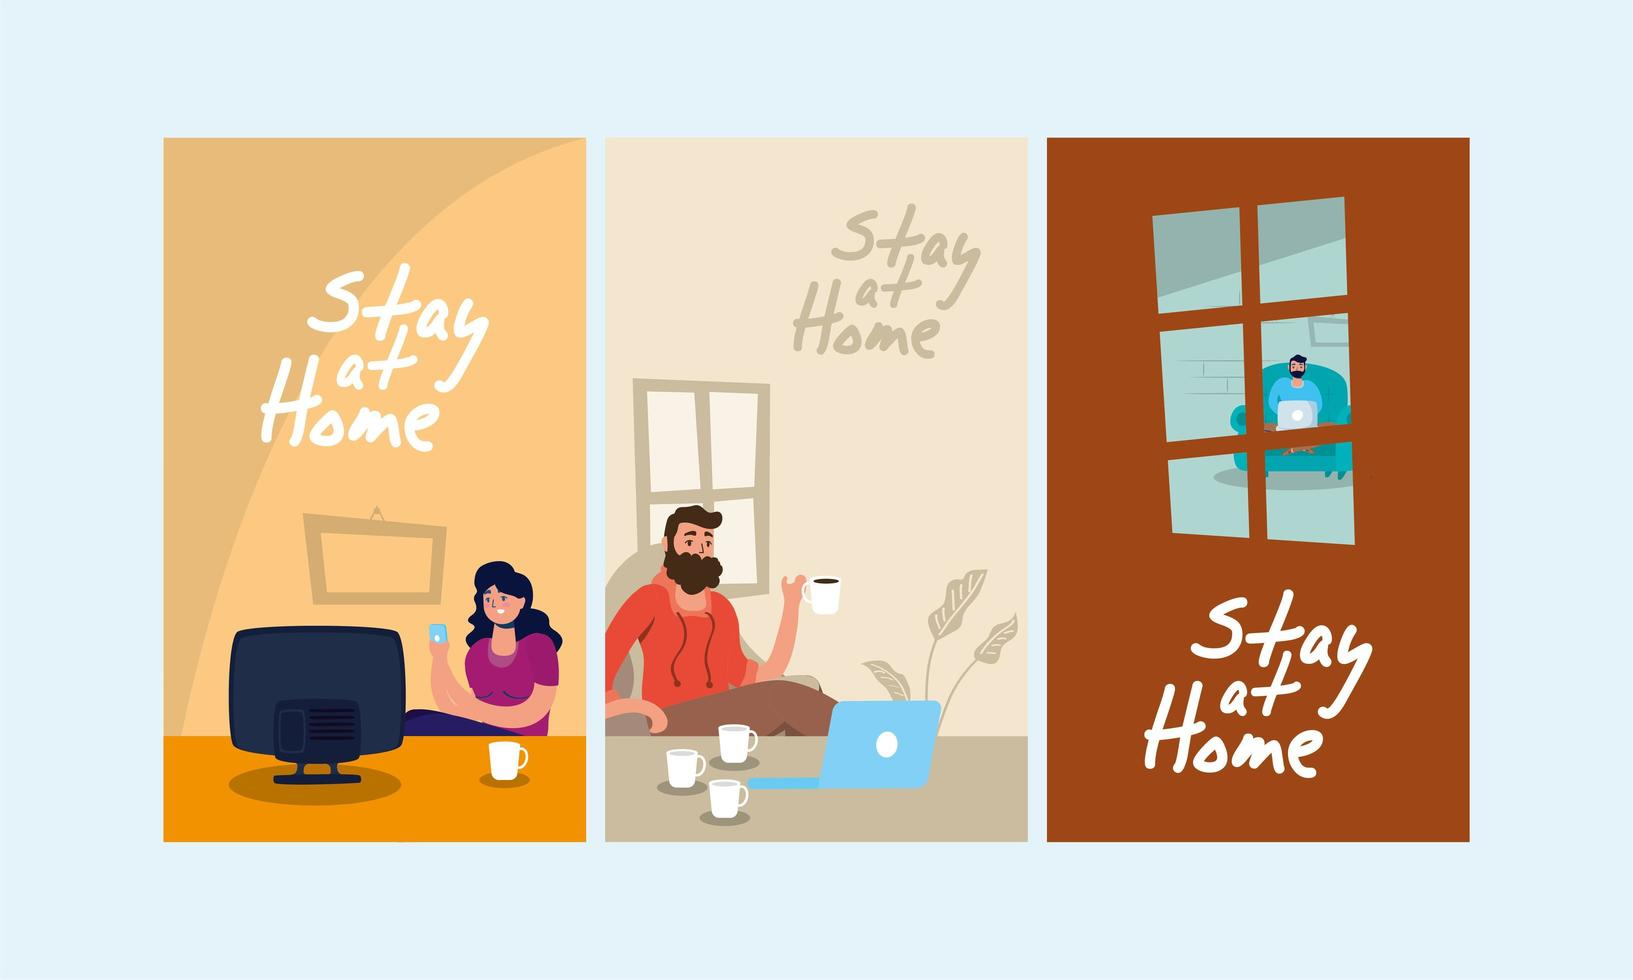 quedarse en casa escenas de la campaña vector